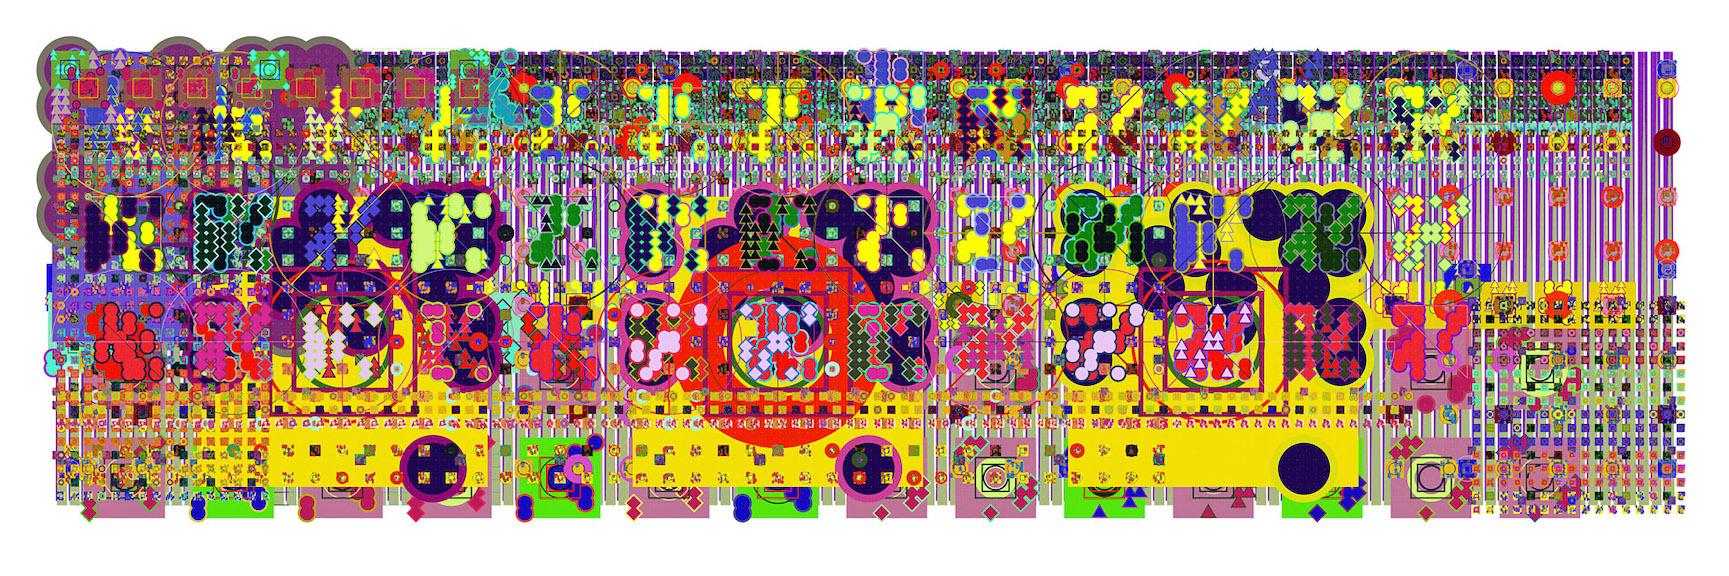 Mark Wilson, e20808, haltbarer Inkjetprint auf Hadernpapier, 23 x 61 cm, Edition von 5, signiert und datiert, 2011